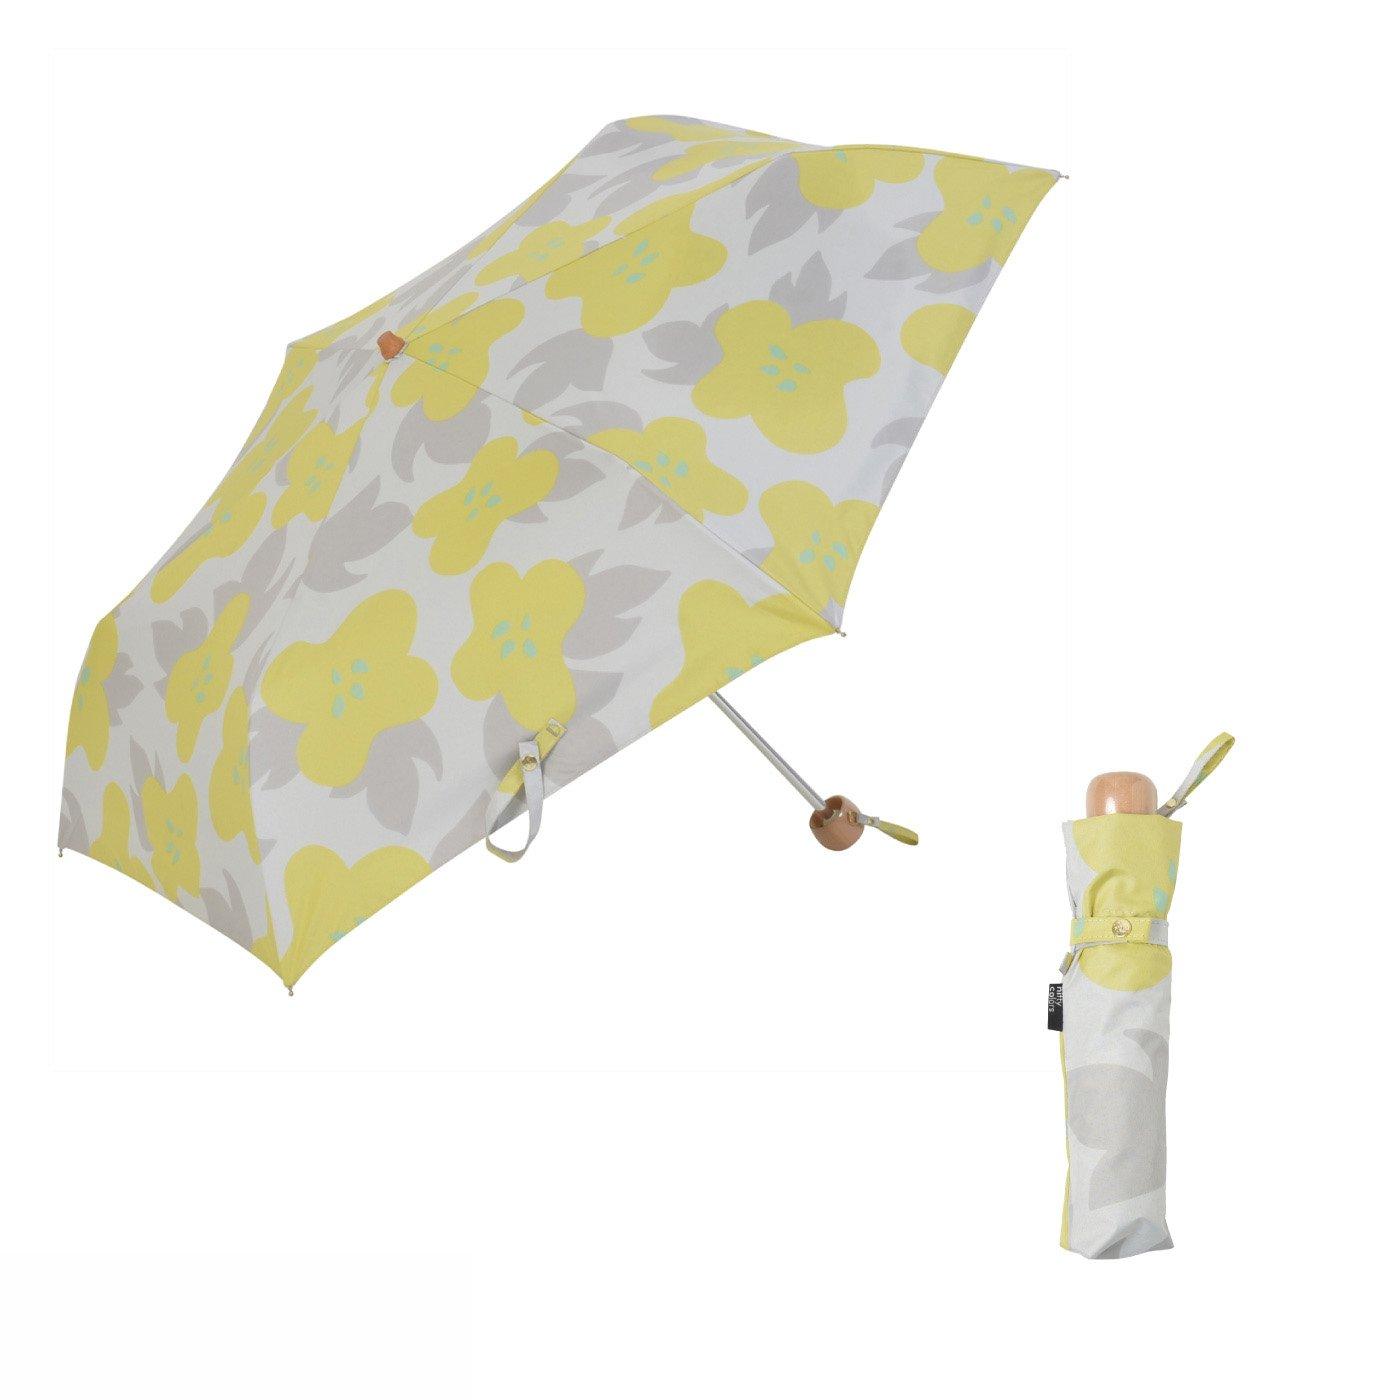 大胆な花柄がかわいい!晴雨兼用 折りたたみ遮光日傘ミニ イリマ